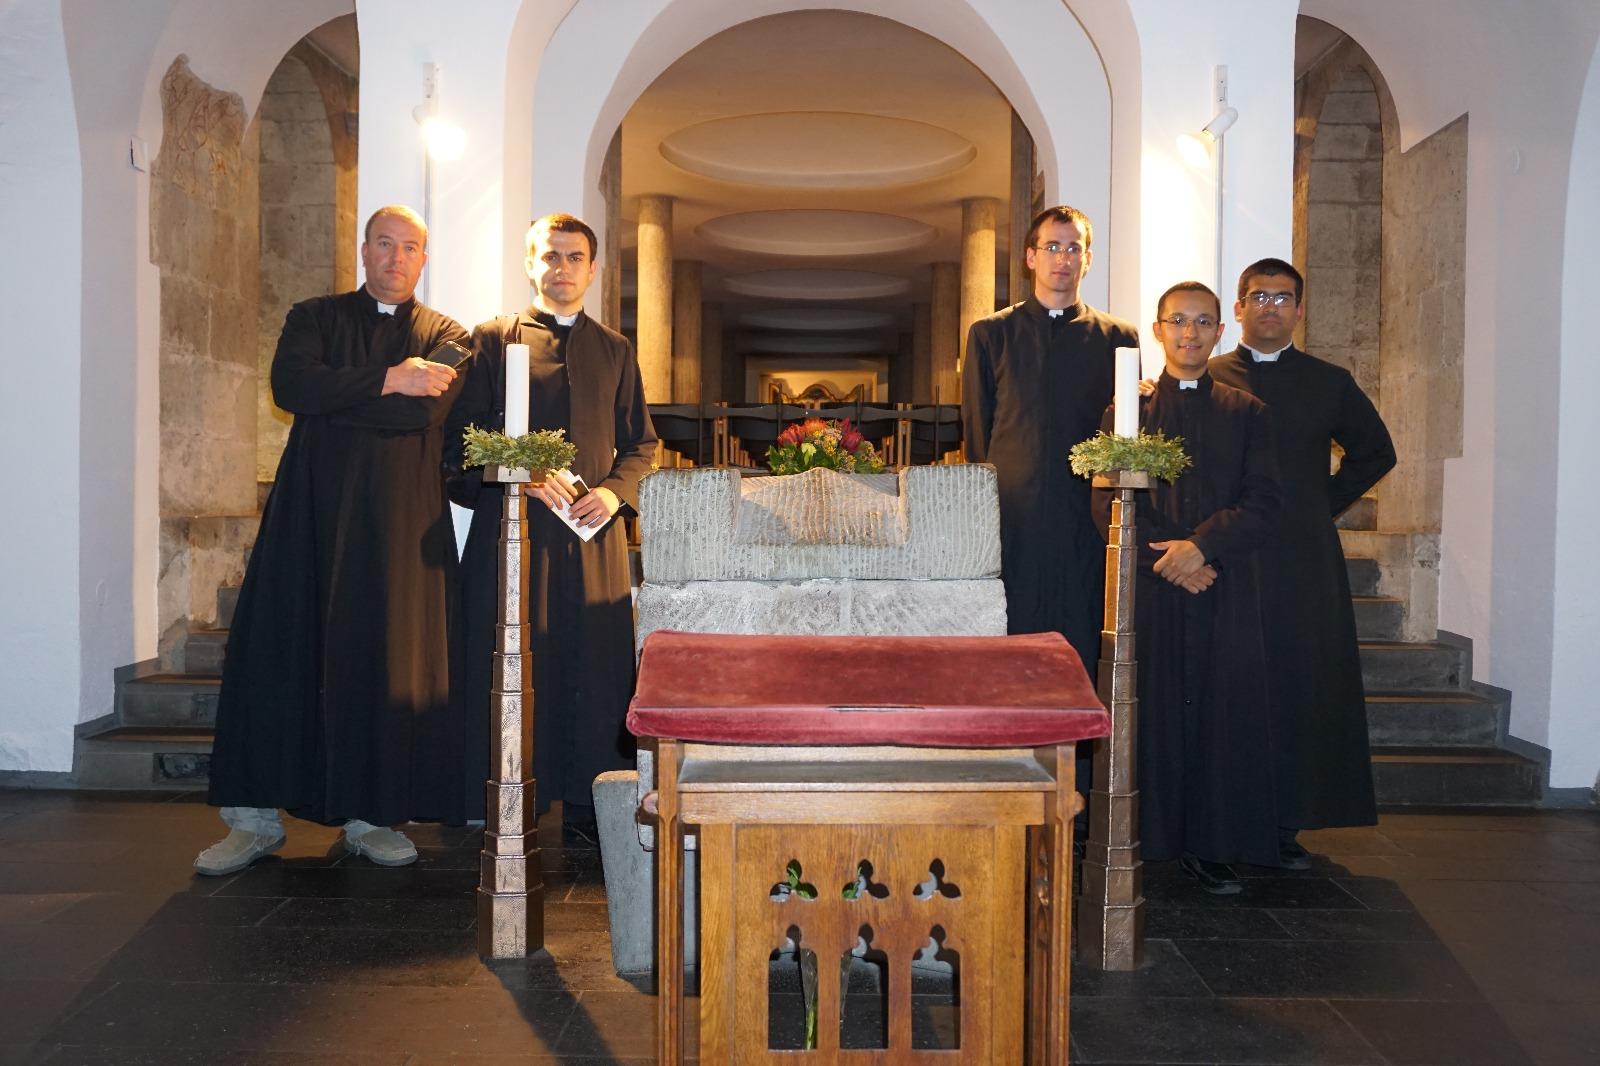 Tumba de San Alberto Magno (en una iglesia dominica, cerca de la catedral, en Colonia)